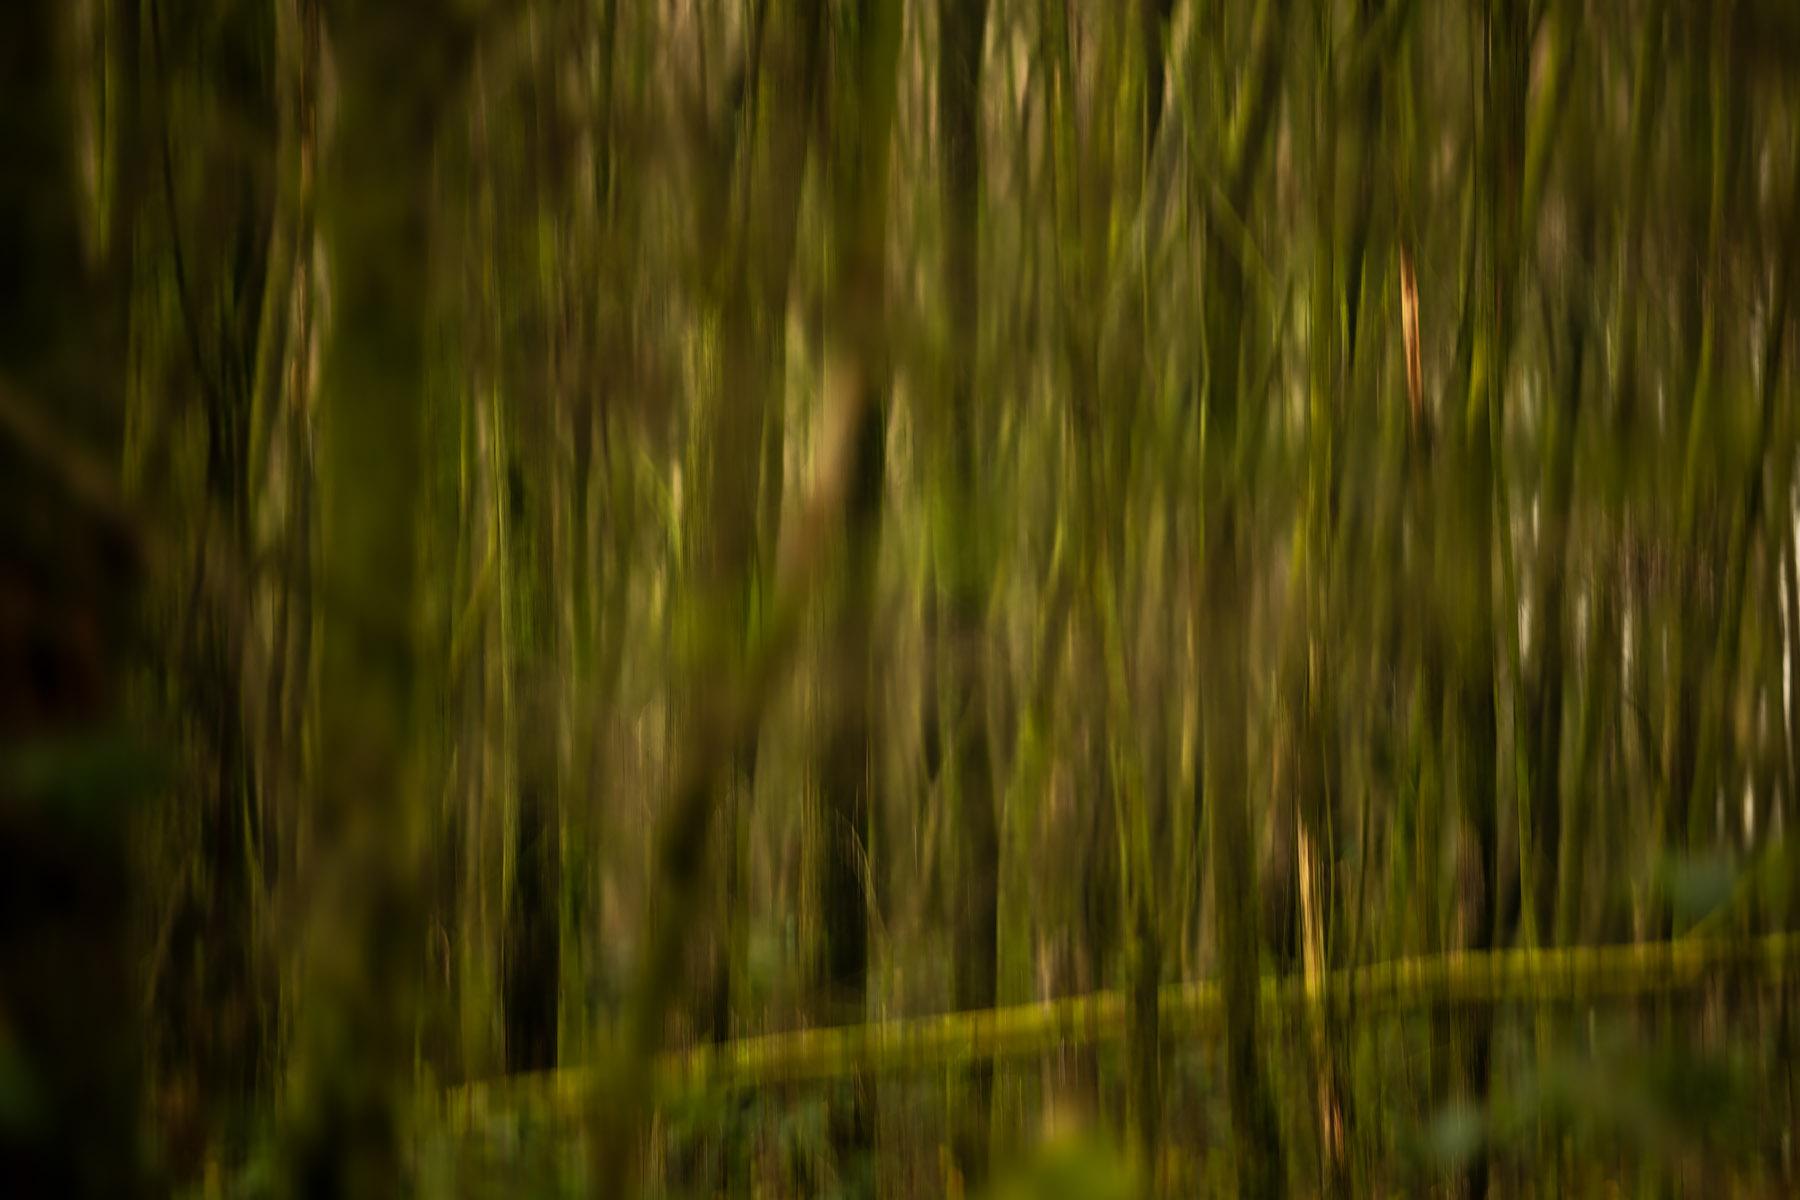 landschapsfotografie, landschapsfotografie in het provinciedomein Zeebos, Provinciedomein Zeebos - Blankenberge, West-Vlaams landschapsfotograaf Glenn Vanderbeke, wandelen in het provinciedomein Zeebos, wandelen in Blankenberge, Wandeling Blankenberge